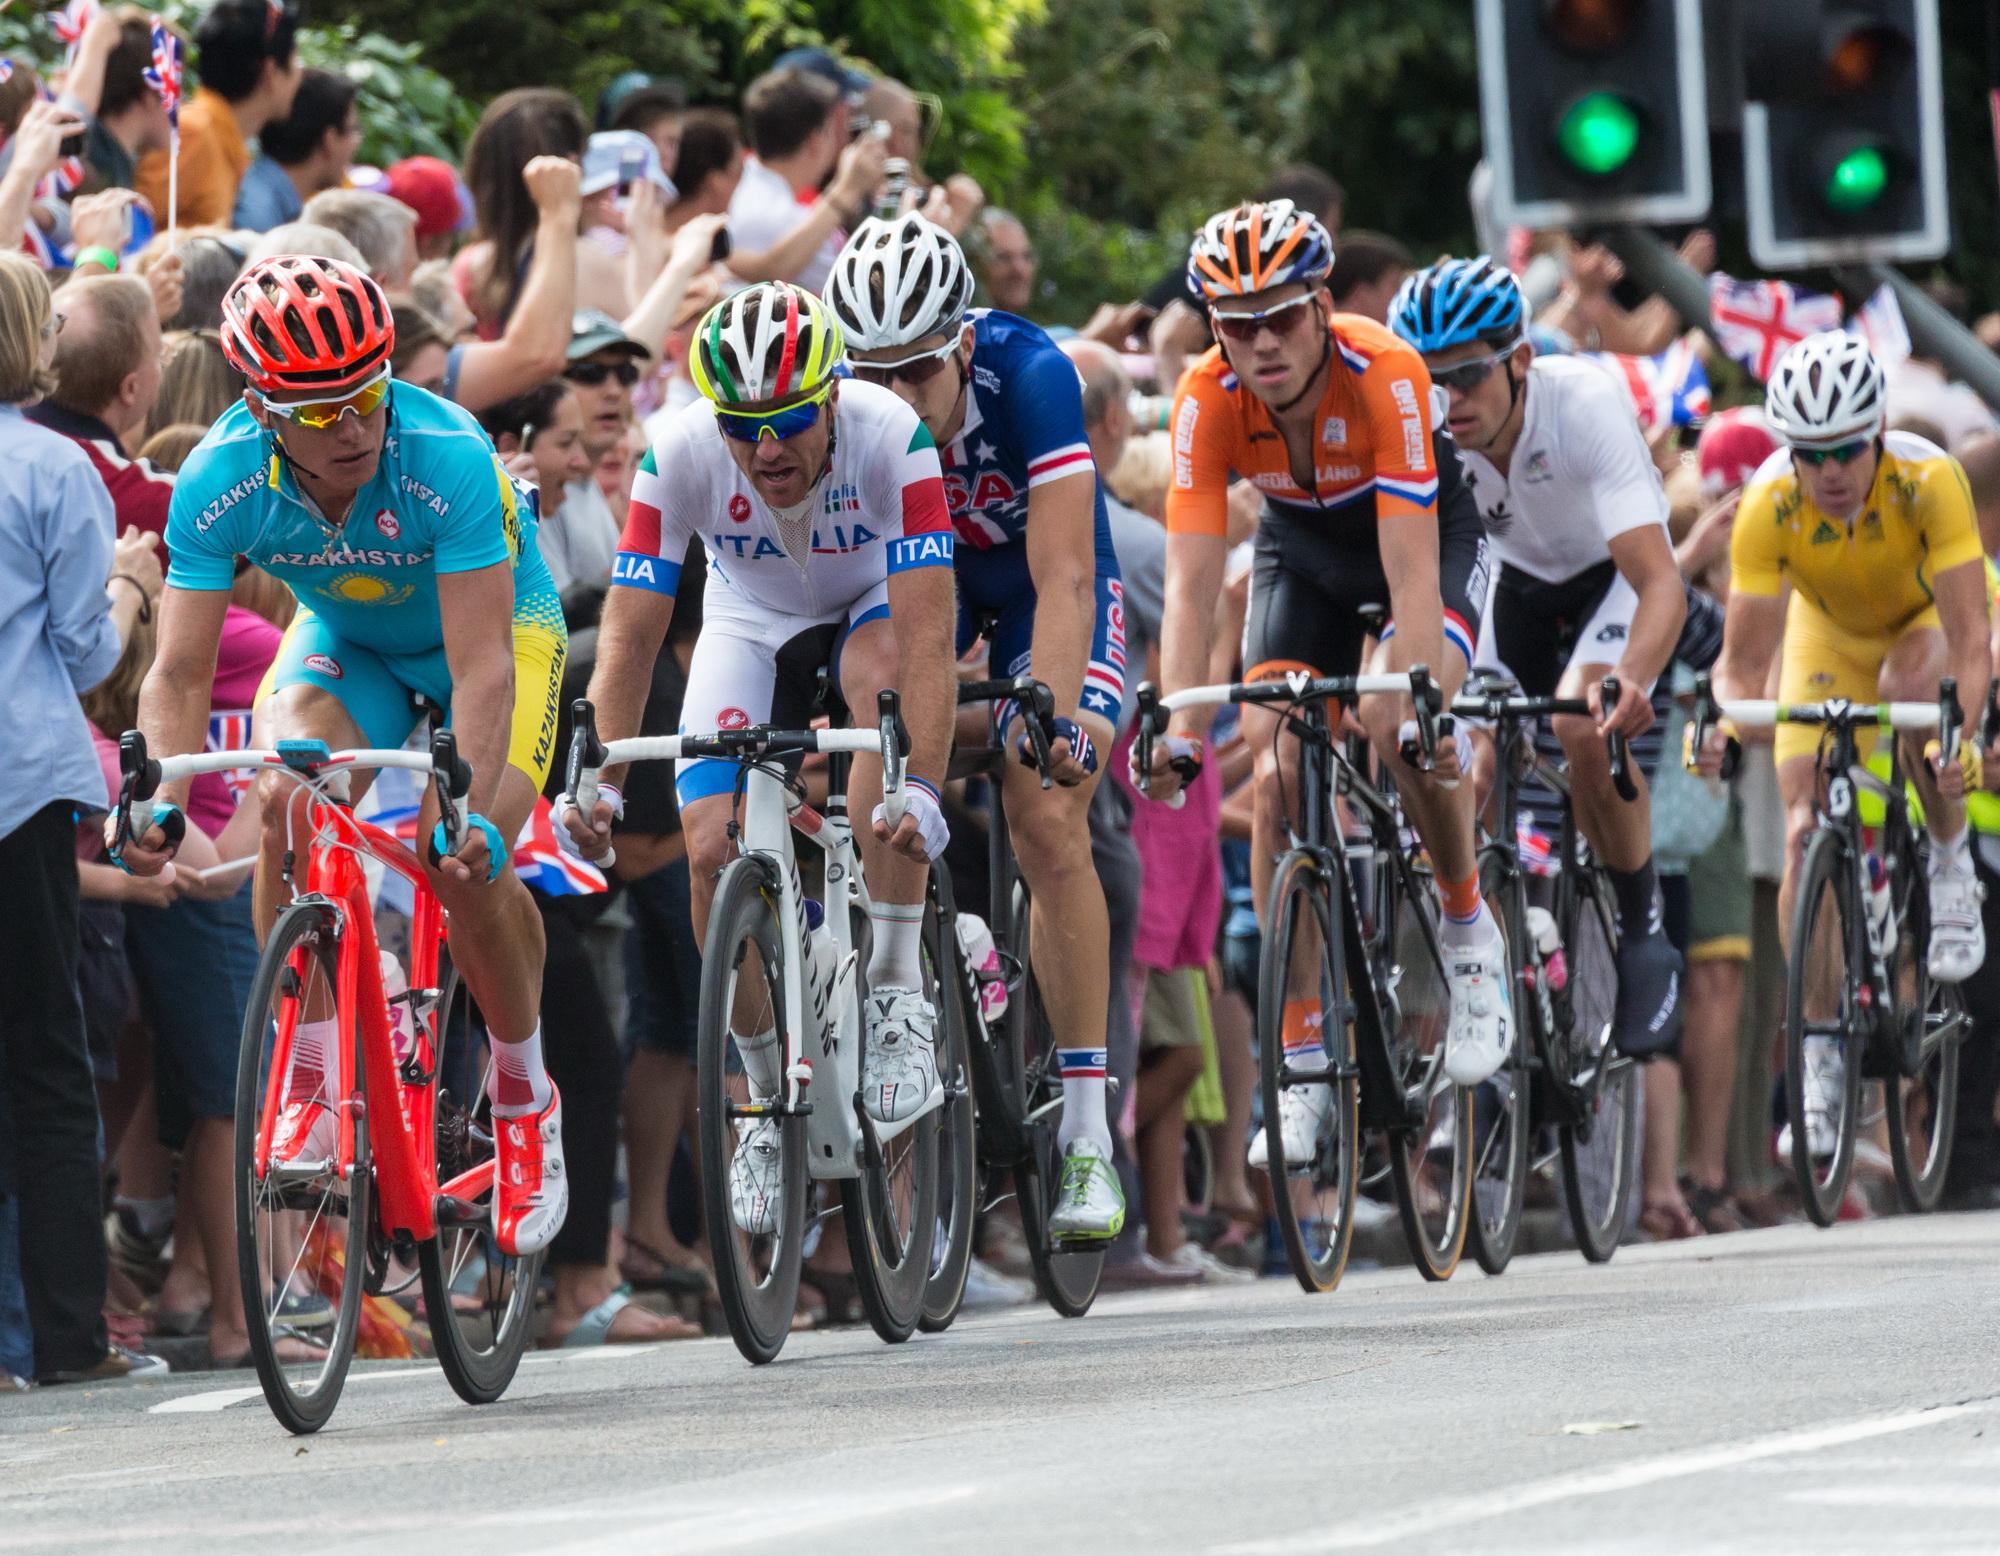 Bangkok Cycling Championship 2015